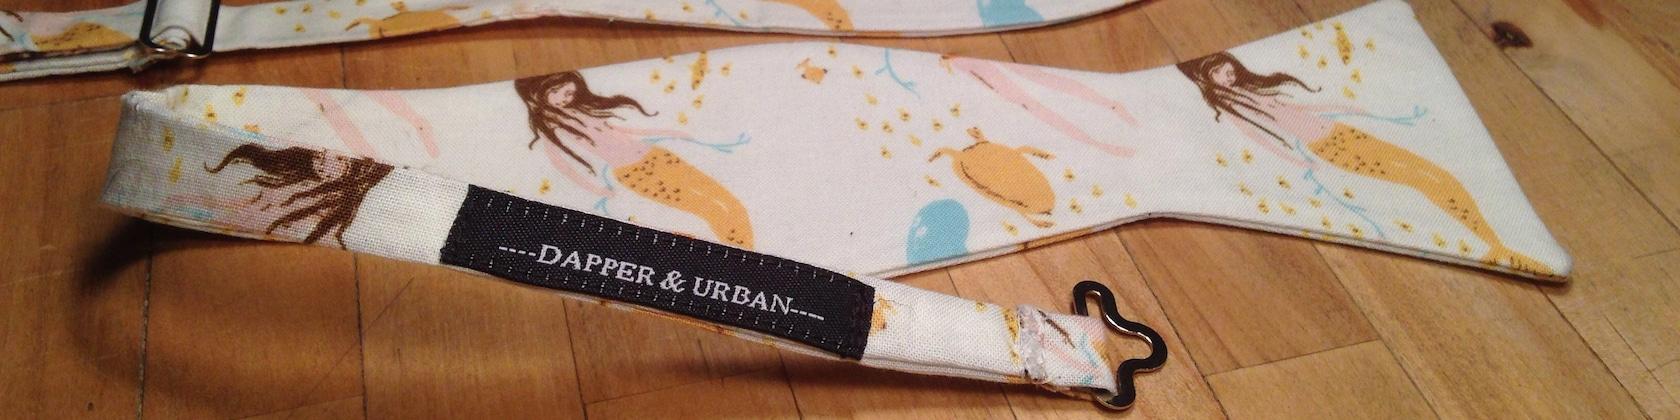 Dapper and Urban by DapperAndUrban on Etsy